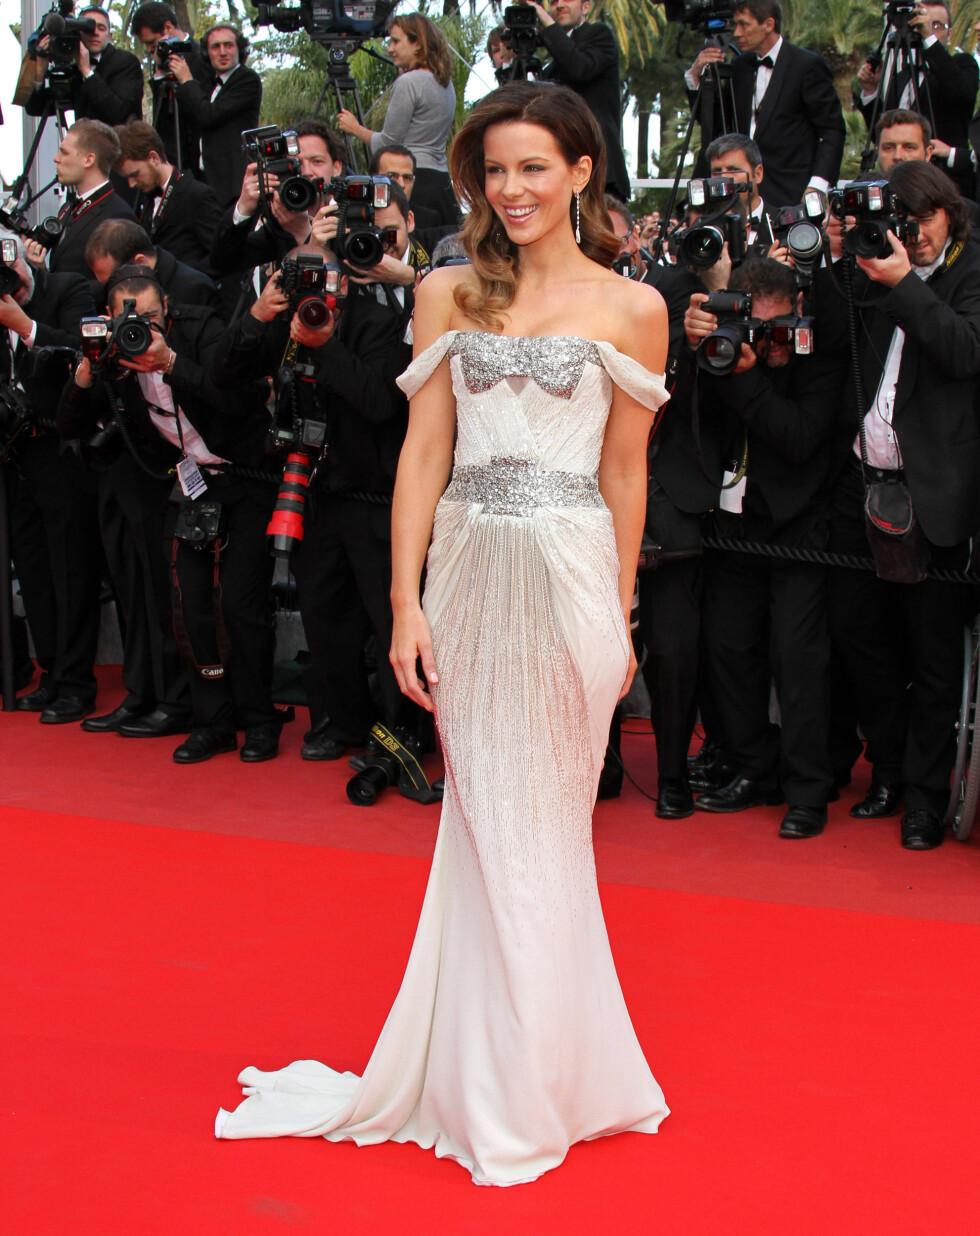 KATE BECKINSALE: Kate så fantastisk ut i sin Gucci-kjole i 2010. Den draperte kjolen fremhevet figuren hennes på en veldig kledelig måte. Foto: All Over Press